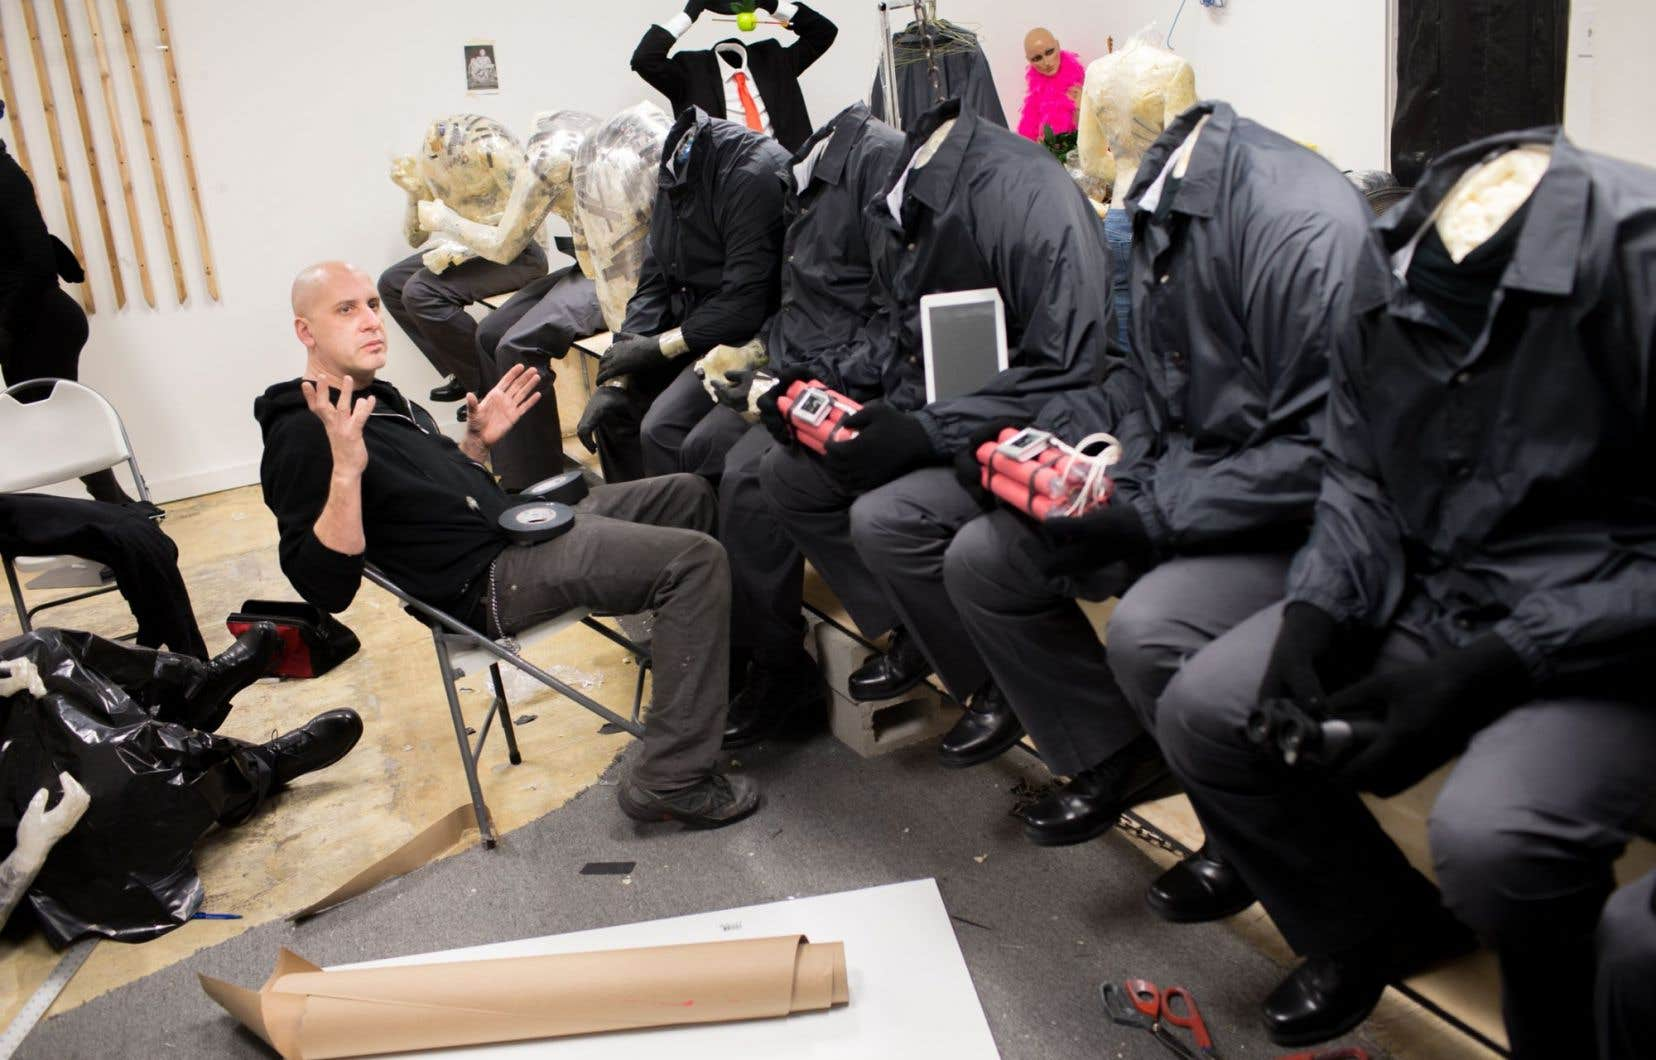 L'artiste de Washington Mark Jenkins, actuellement en résidence à l'Arsenal, dans l'atelier où il crée des personnages hyperréalistes placés dans des situations dérangeantes.